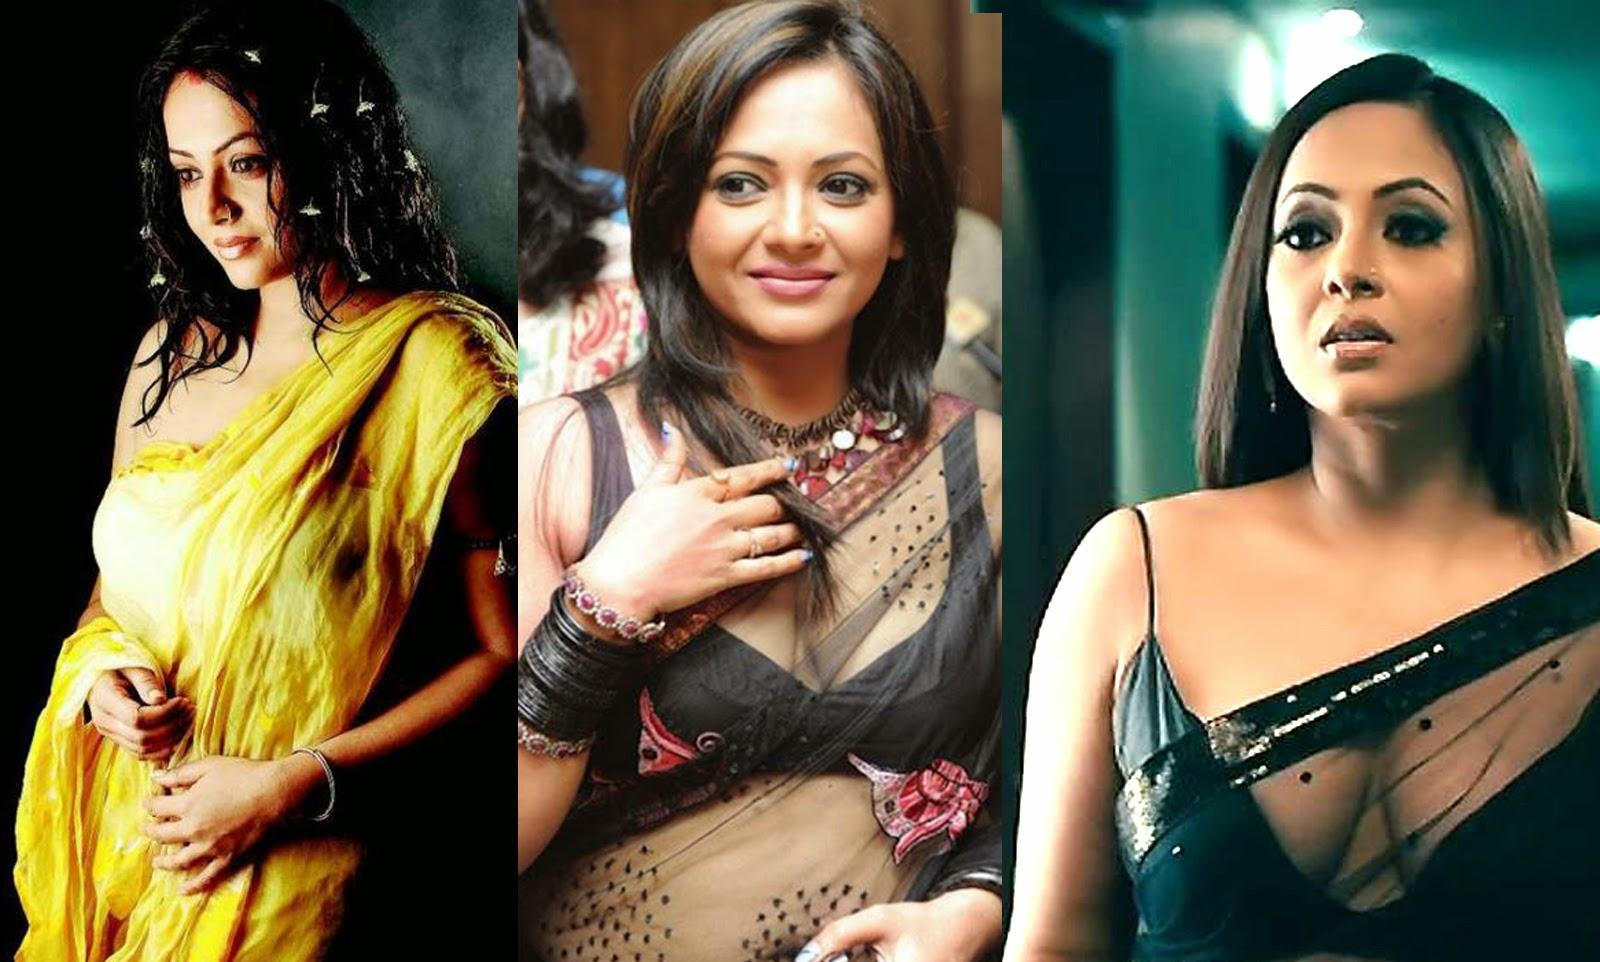 Bangla Movies Actress Shreelekha Mitra Hot Wallpaper